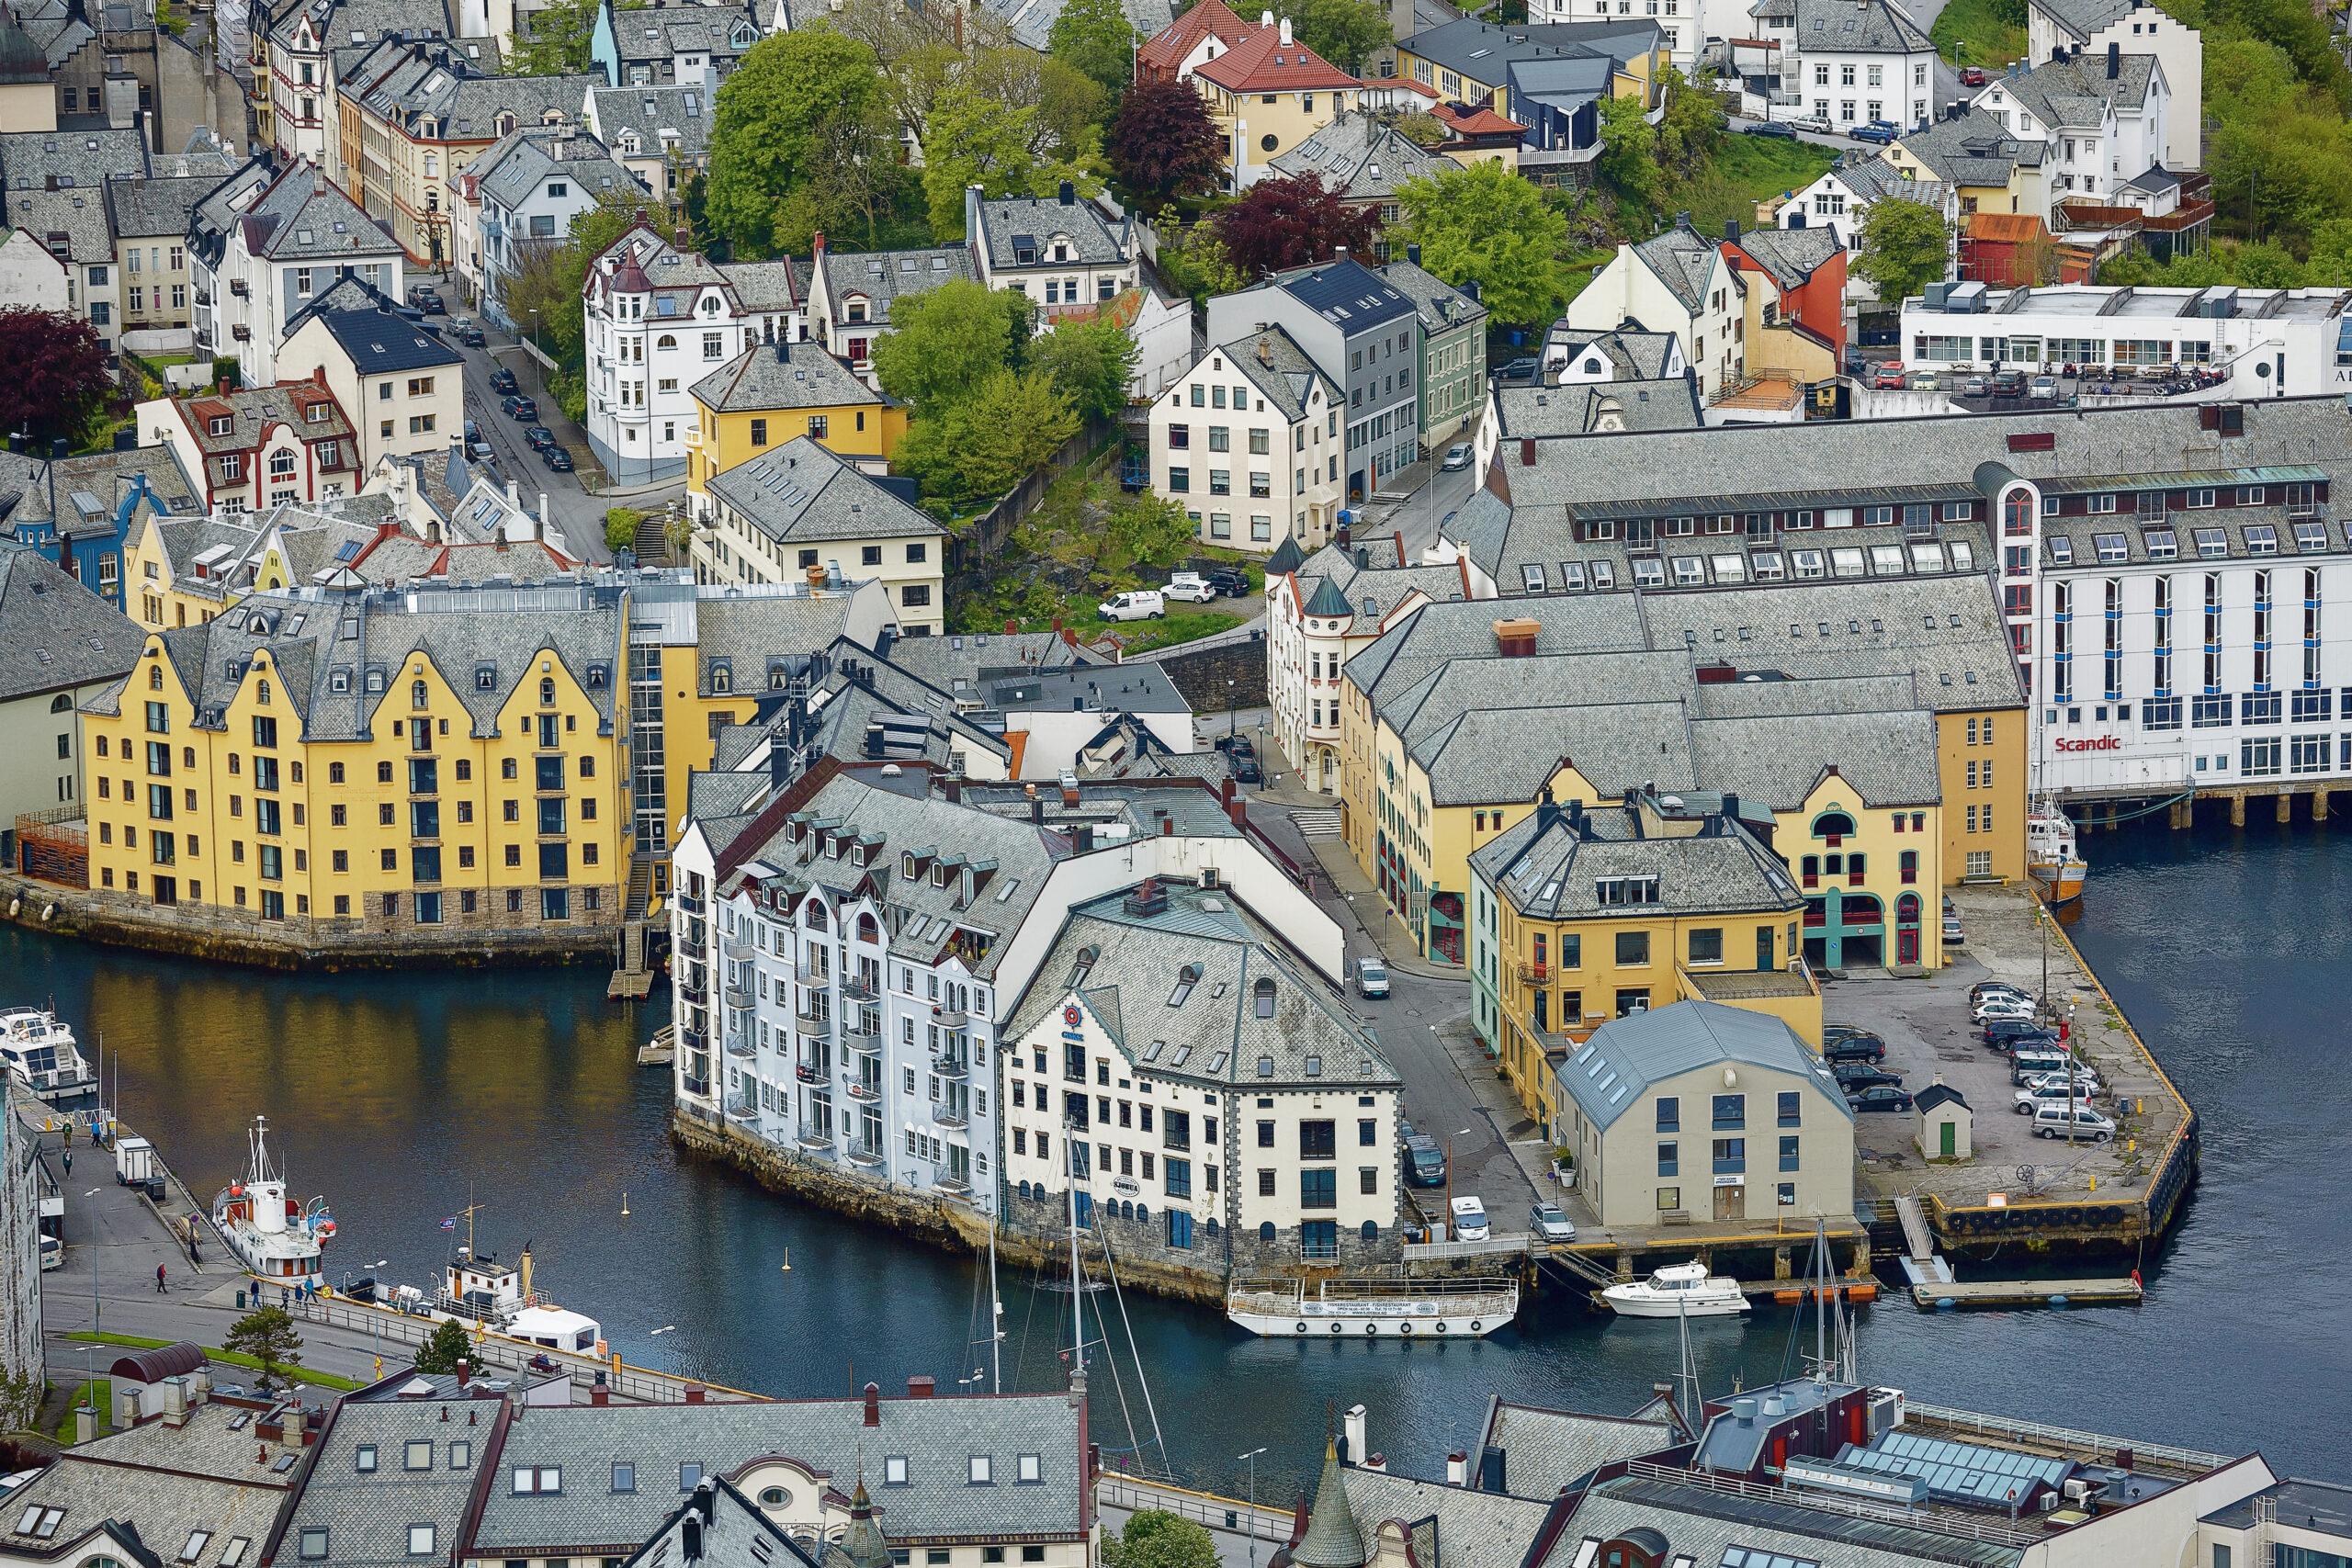 Hvordan bli kvitt betalingsanmerkninger boliglån økonomi renter